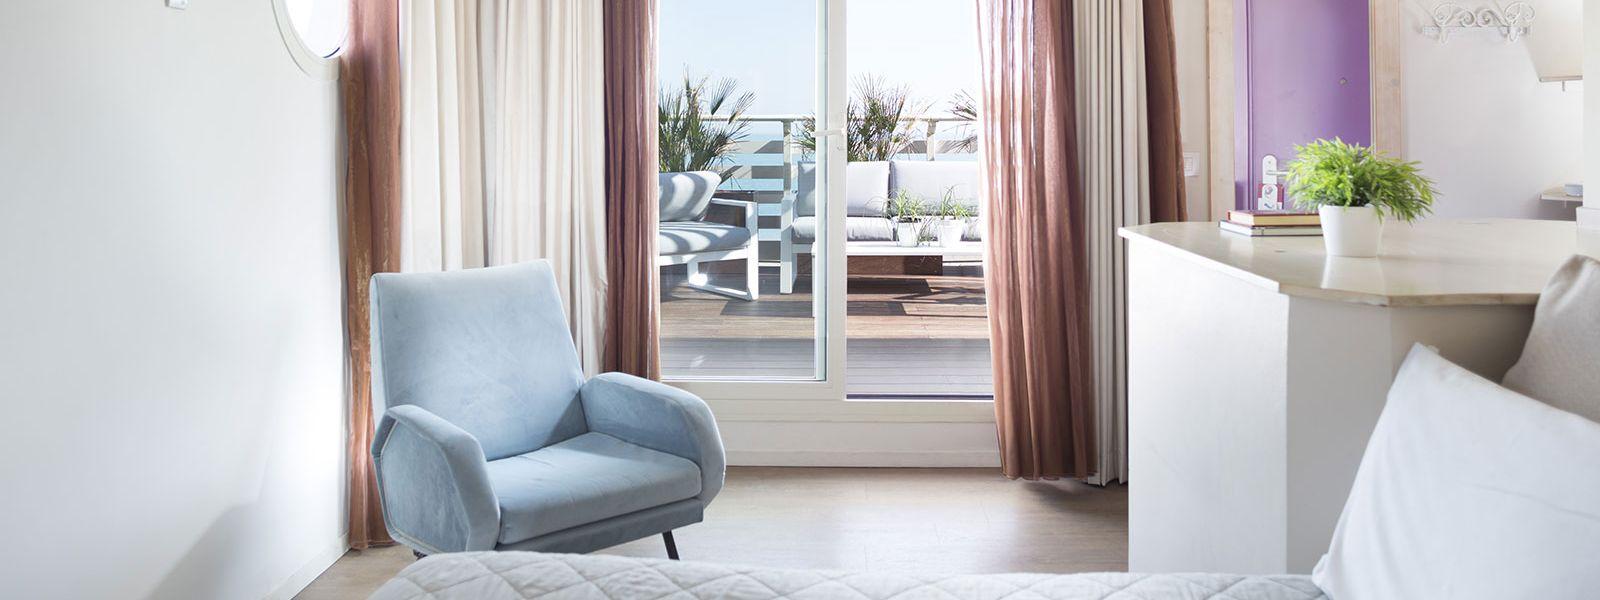 Camere vista mare rimini albergo sul lungomare hotel - Rima con finestra ...